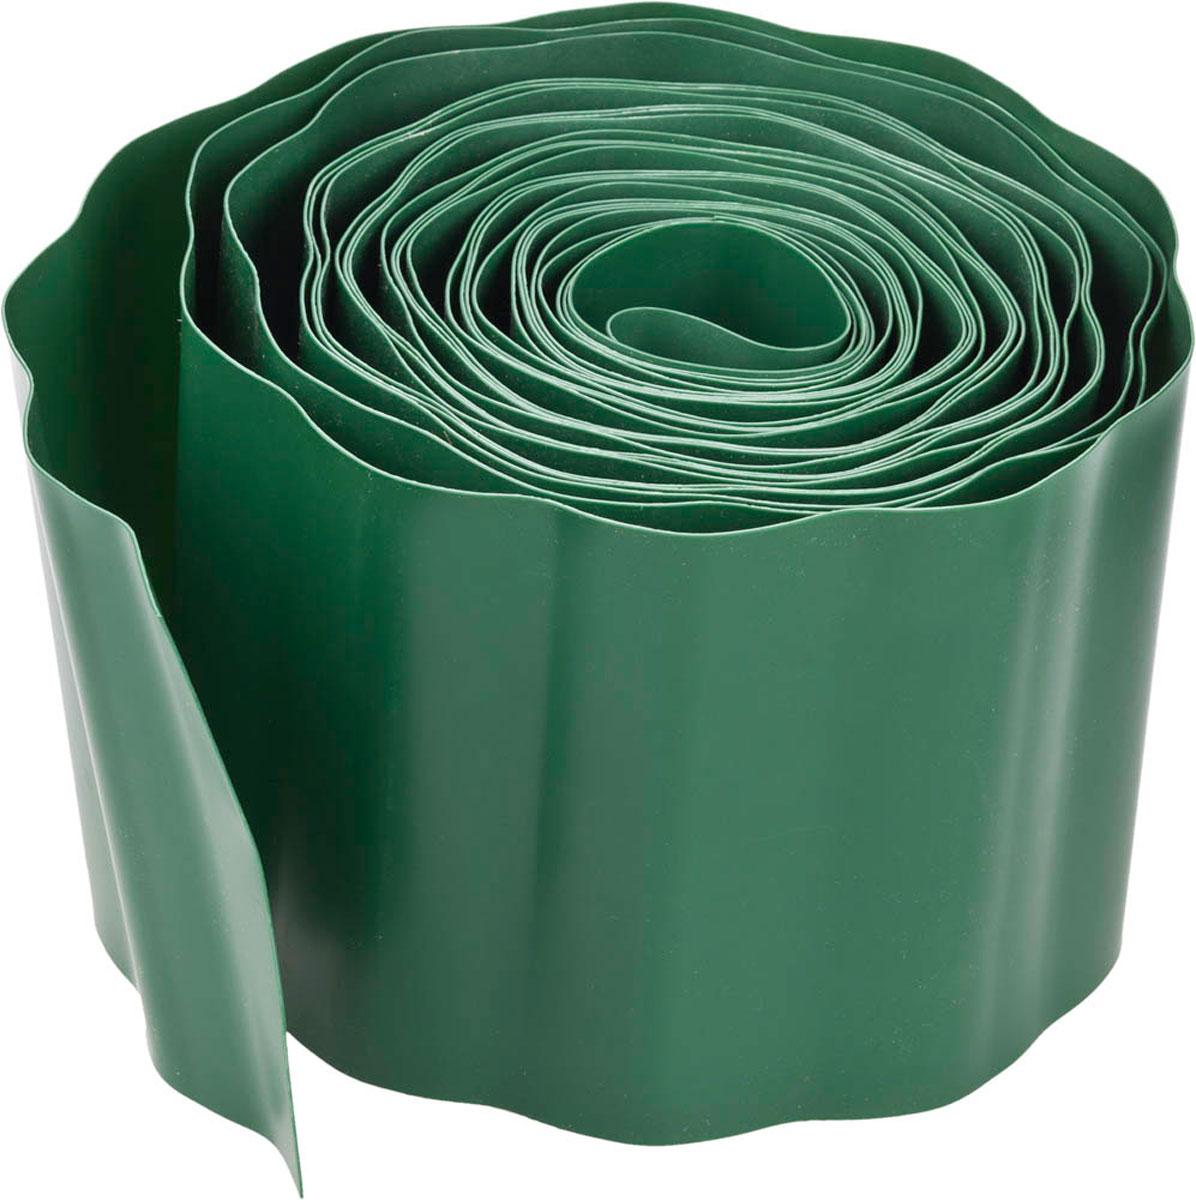 Лента бордюрная Grinda, цвет: зеленый, 15 см х 9 м422245-15Красиво оформить и украсить садово-огородный участок при проведенииландшафтных работ призваны специальные высококачественные долговечныеограждения для клумб и декоративные заборы Grinda. Различные формы ицвета способны воплотить любые творческие замыслы, а высококачественныйатмосферостойкий пластик обеспечит длительный срок службы изделий.Применяется для оформления клумб и газонов различной геометрическойформы. Идеально подходит для зонирования пространства парка или сада привыполнении ландшафтных работ. Специальная конструкция обеспечиваетбыстрый и легкий монтаж. Использование высококачественных материаловгарантирует долговечность изделия.- Высота: 15 см.- Цвет: зеленый. - Общая длина: 9 м.- Материал изделия: полиэтилен.